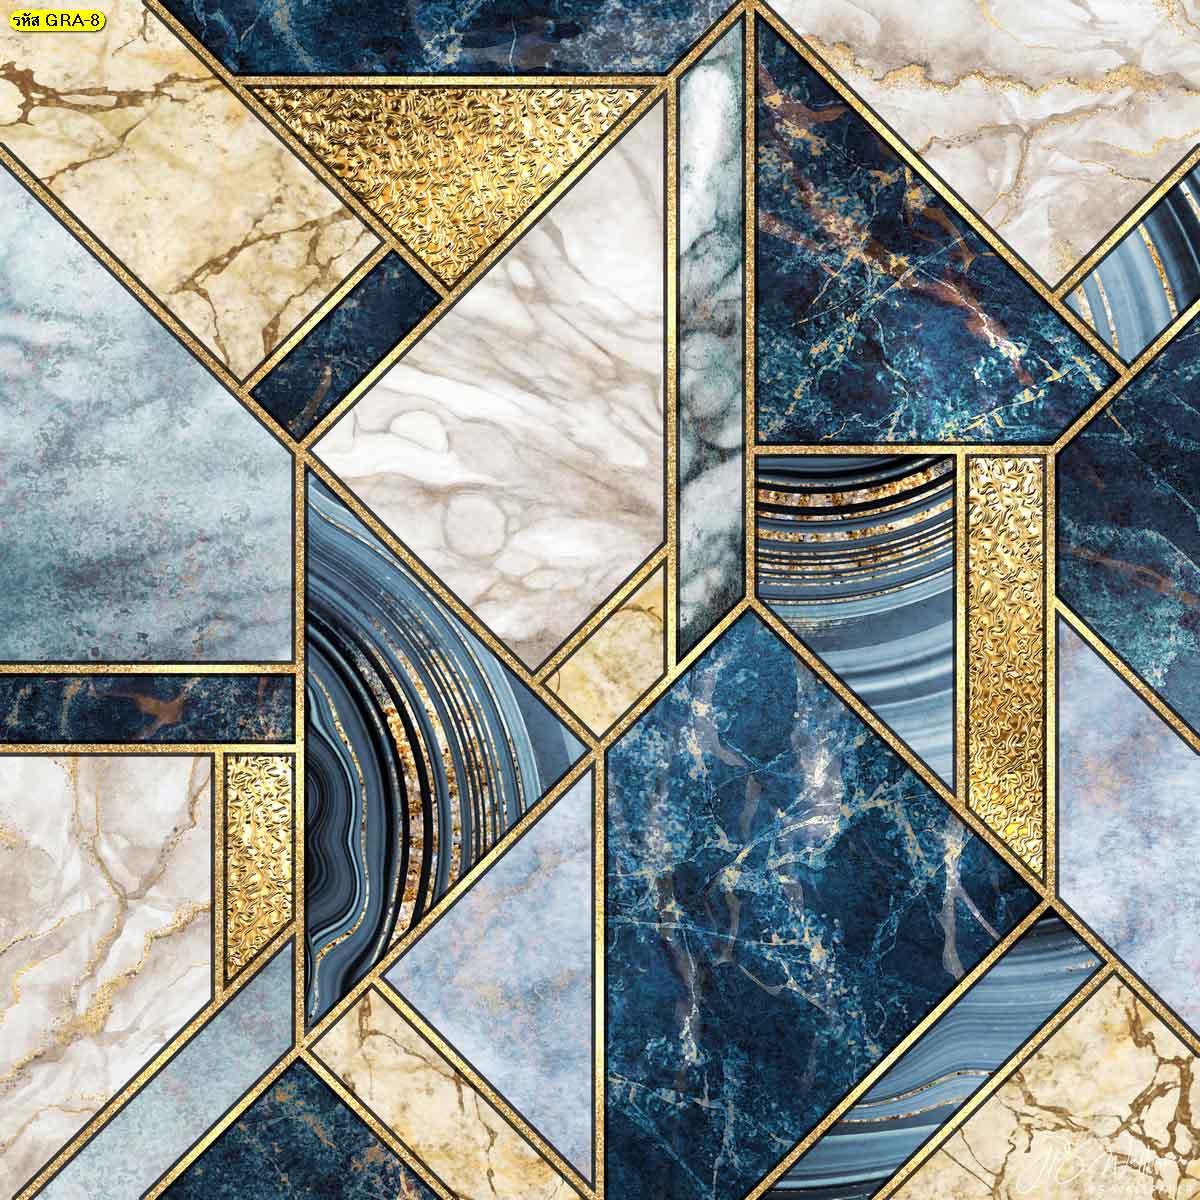 วอลเปเปอร์ติดผนังลายหินอ่อนสีฟ้าและสีขาวตัดเส้นสีทอง วอลเปเปอร์แต่งบ้านหรู